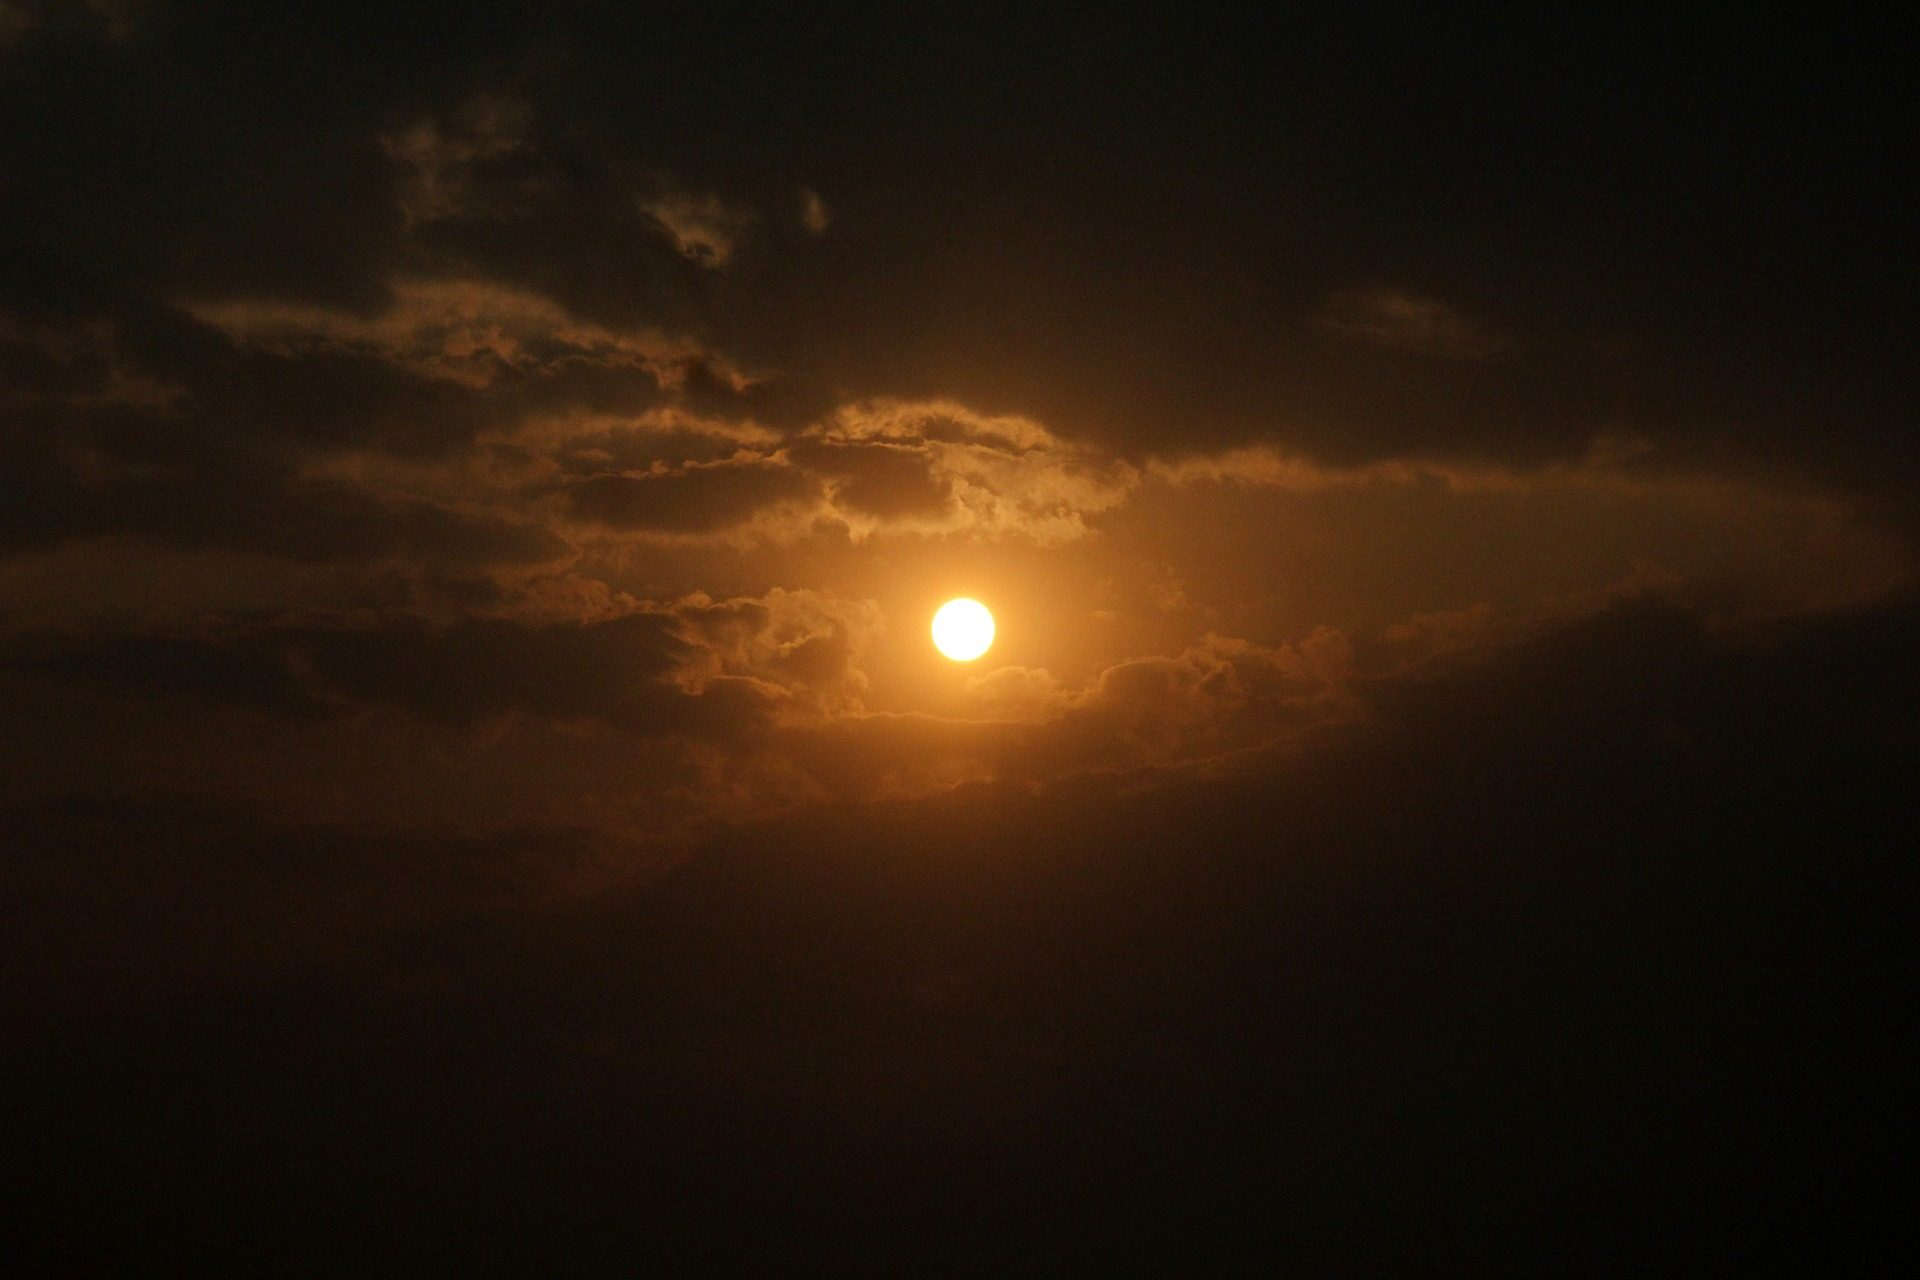 atardecer, Coucher de soleil, nuages, nuageux, Sun, lumière - Fonds d'écran HD - Professor-falken.com